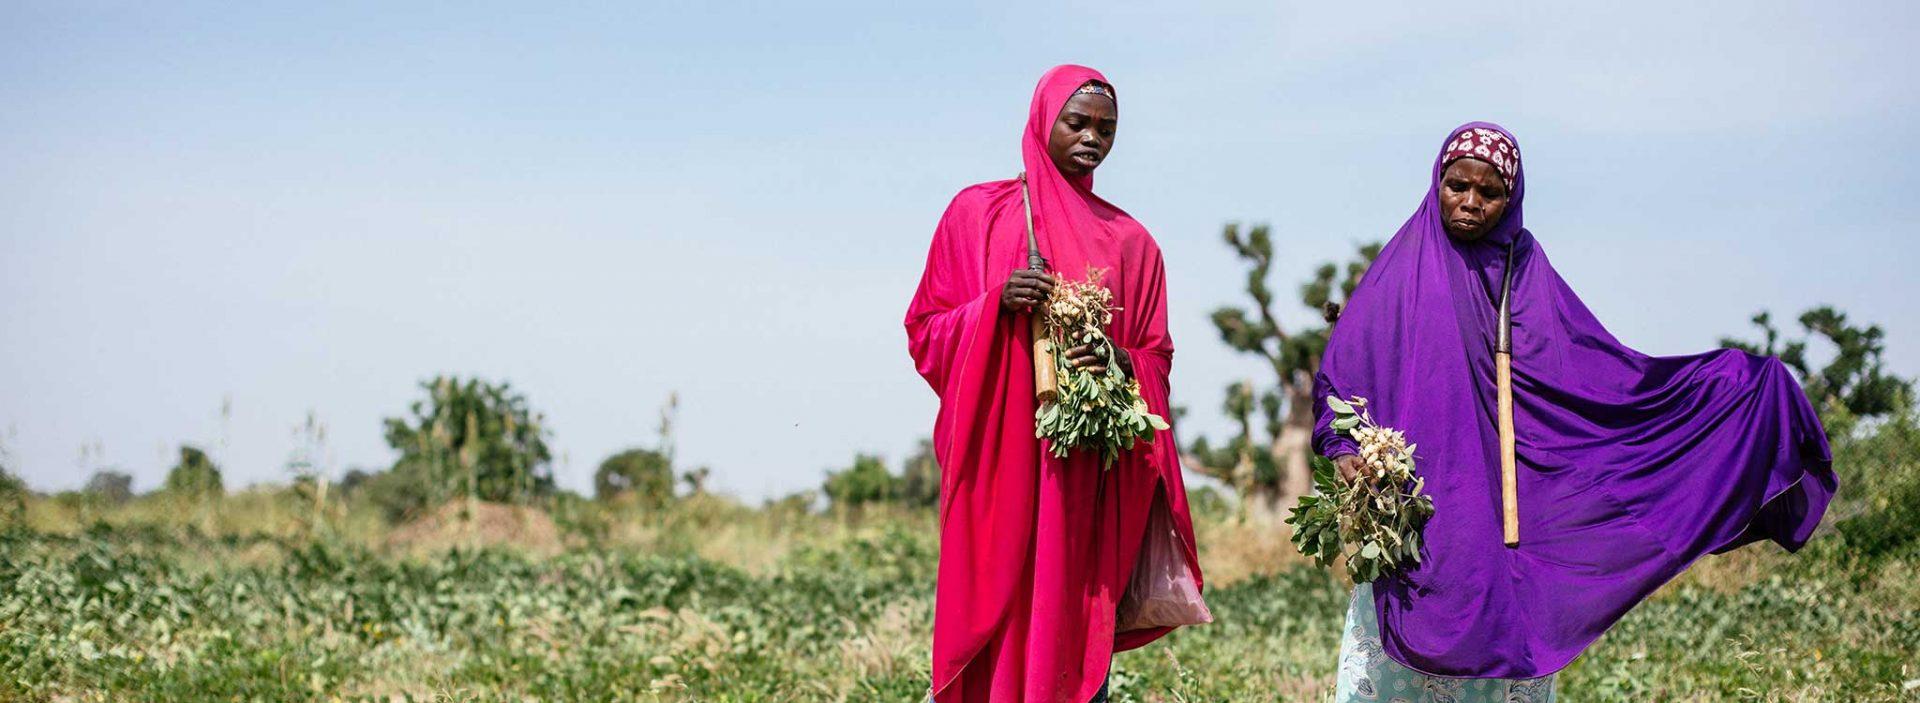 Two women in a field in Nigeria.